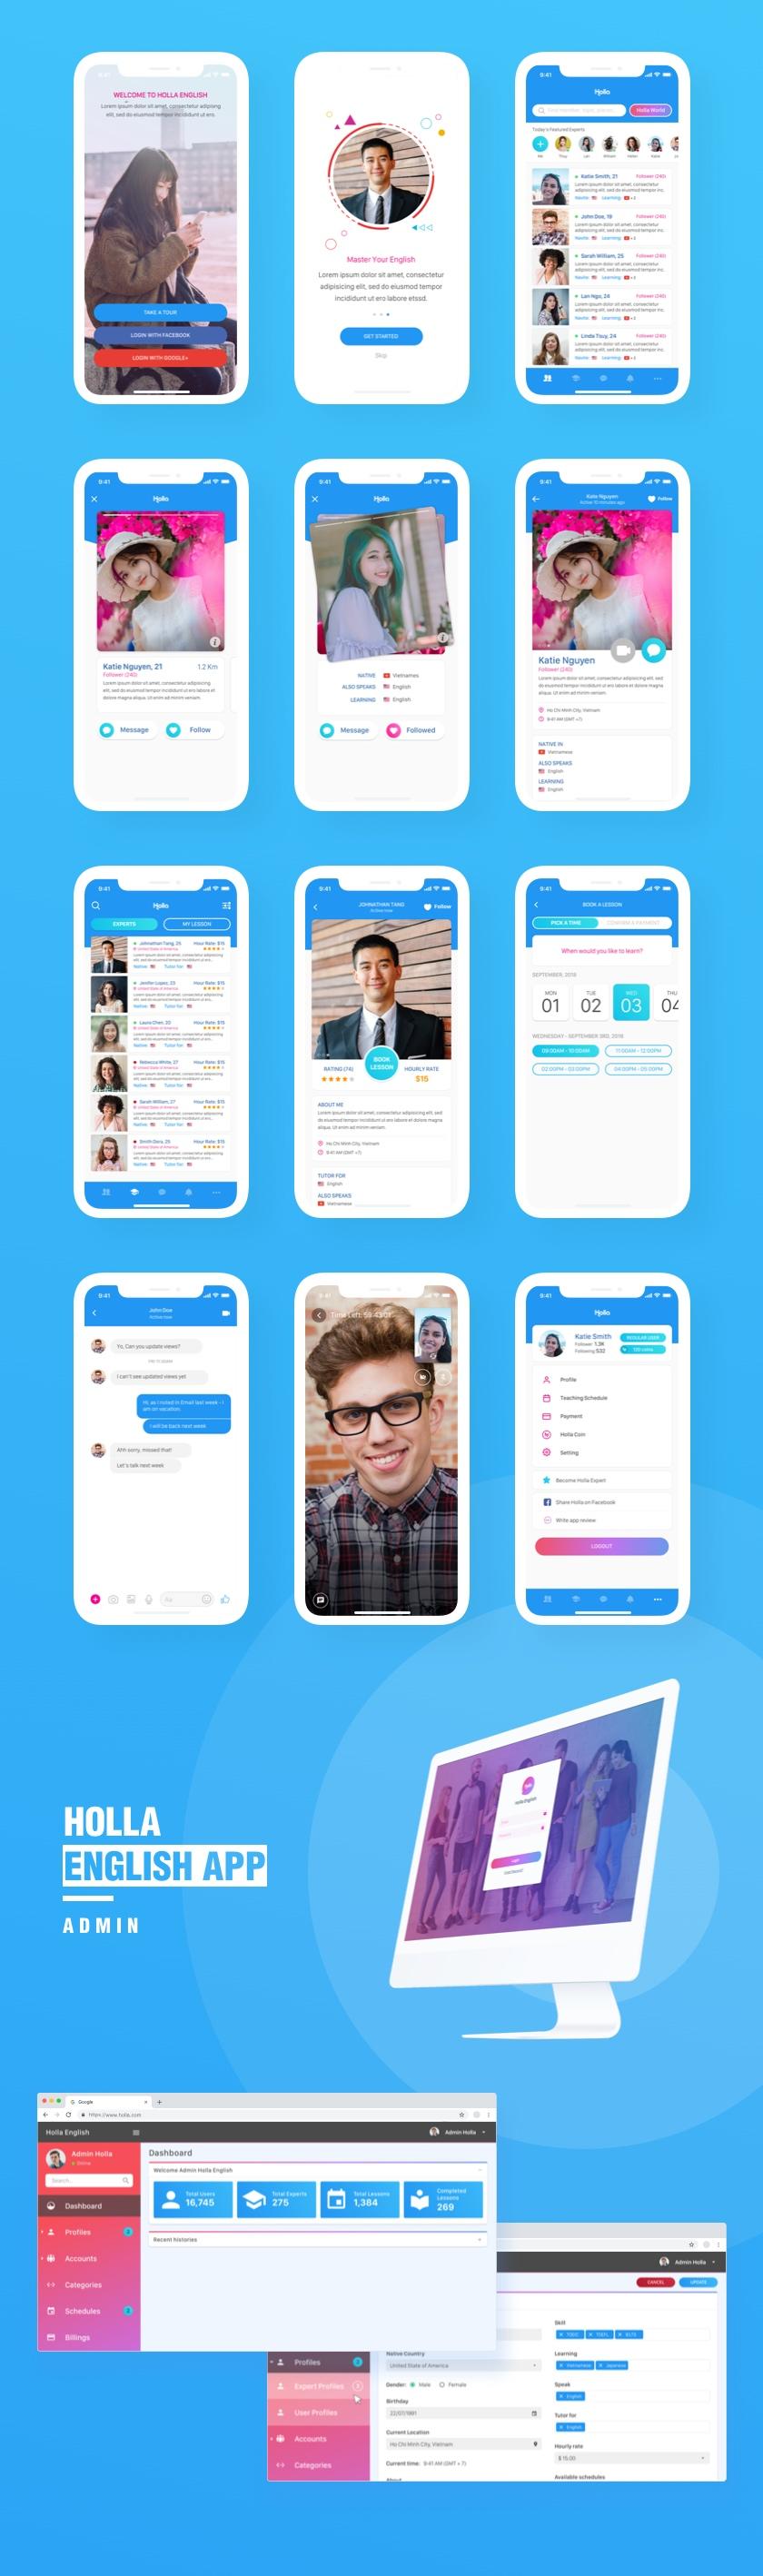 holla-app